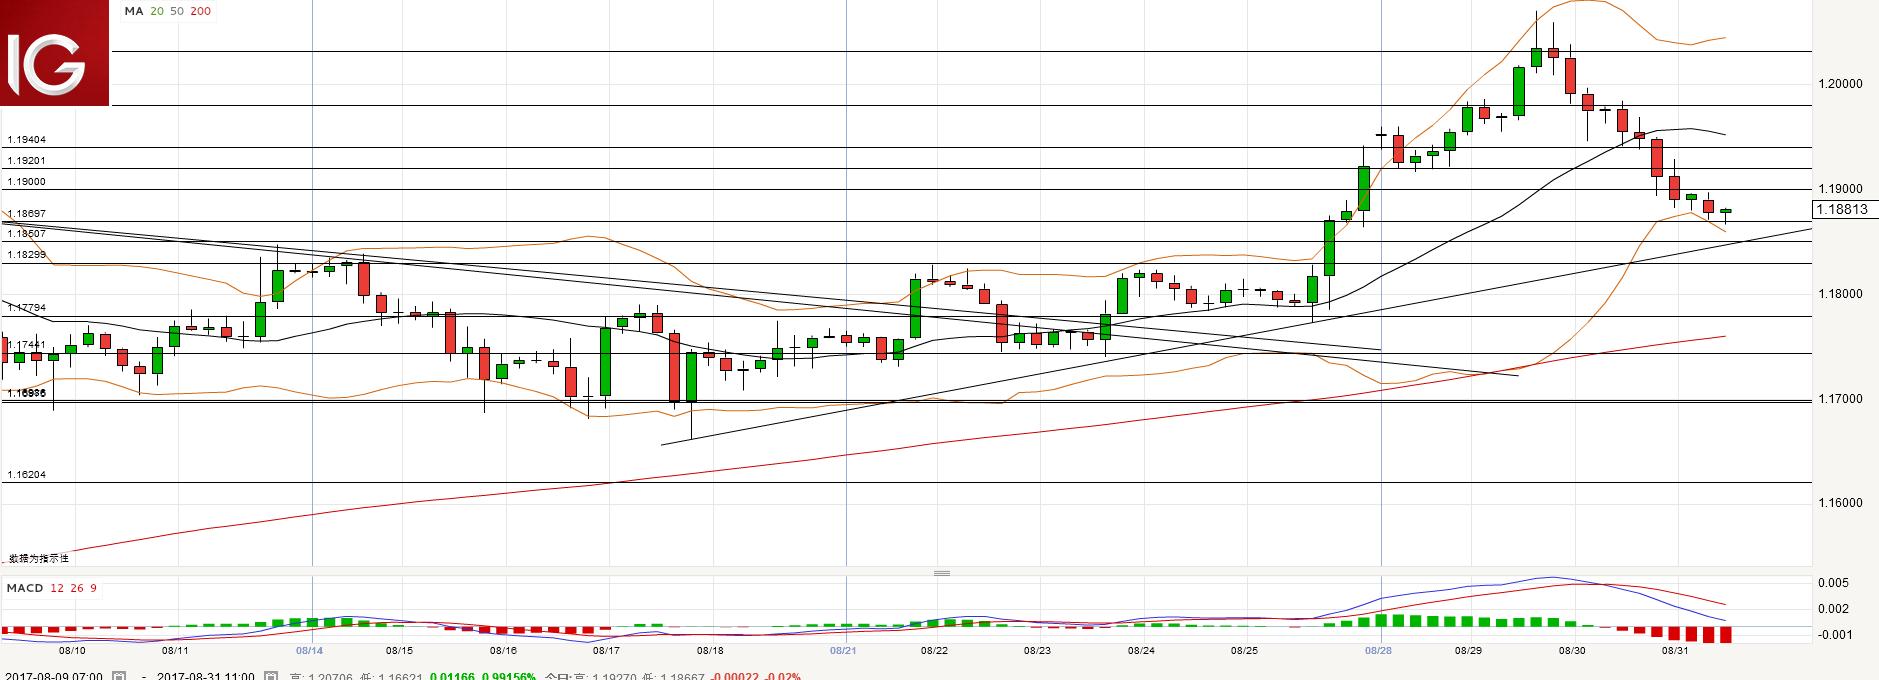 欧元/美元:短线若继续走低关注1.1850附近的支持